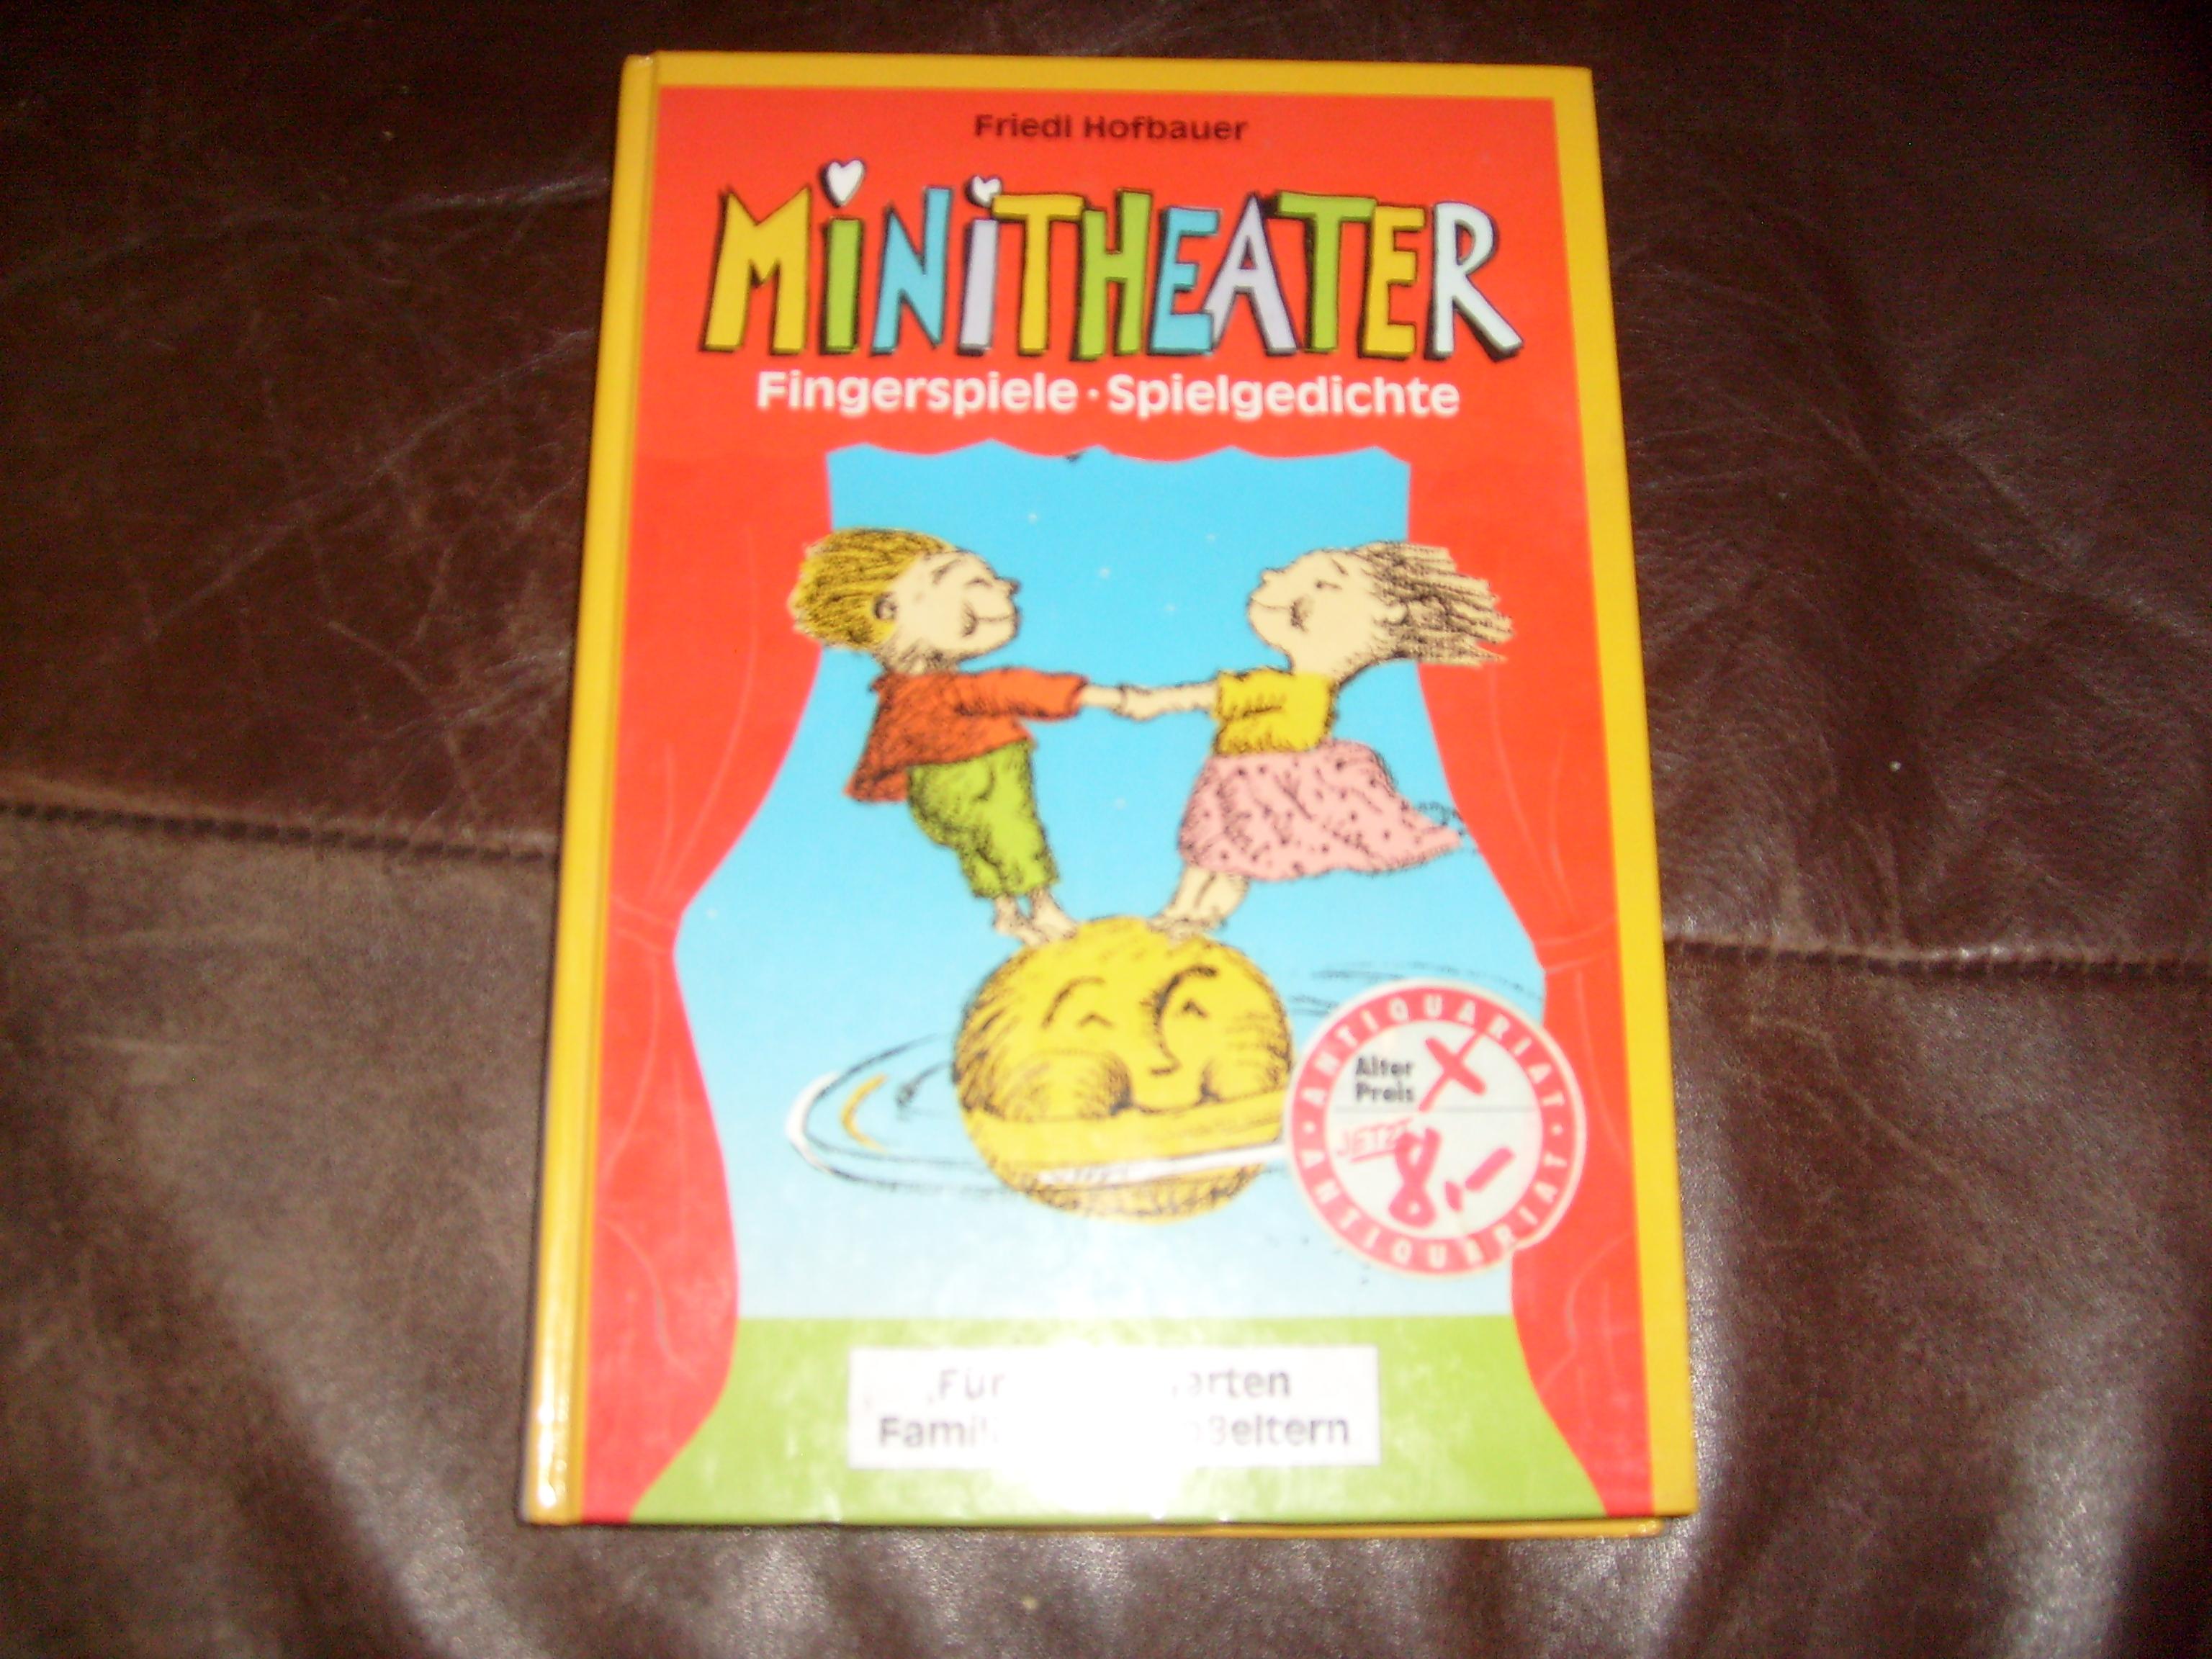 Bildtext: Minitheather - Fingerspiele, Spielgedichte von Hofbauer, Friedl